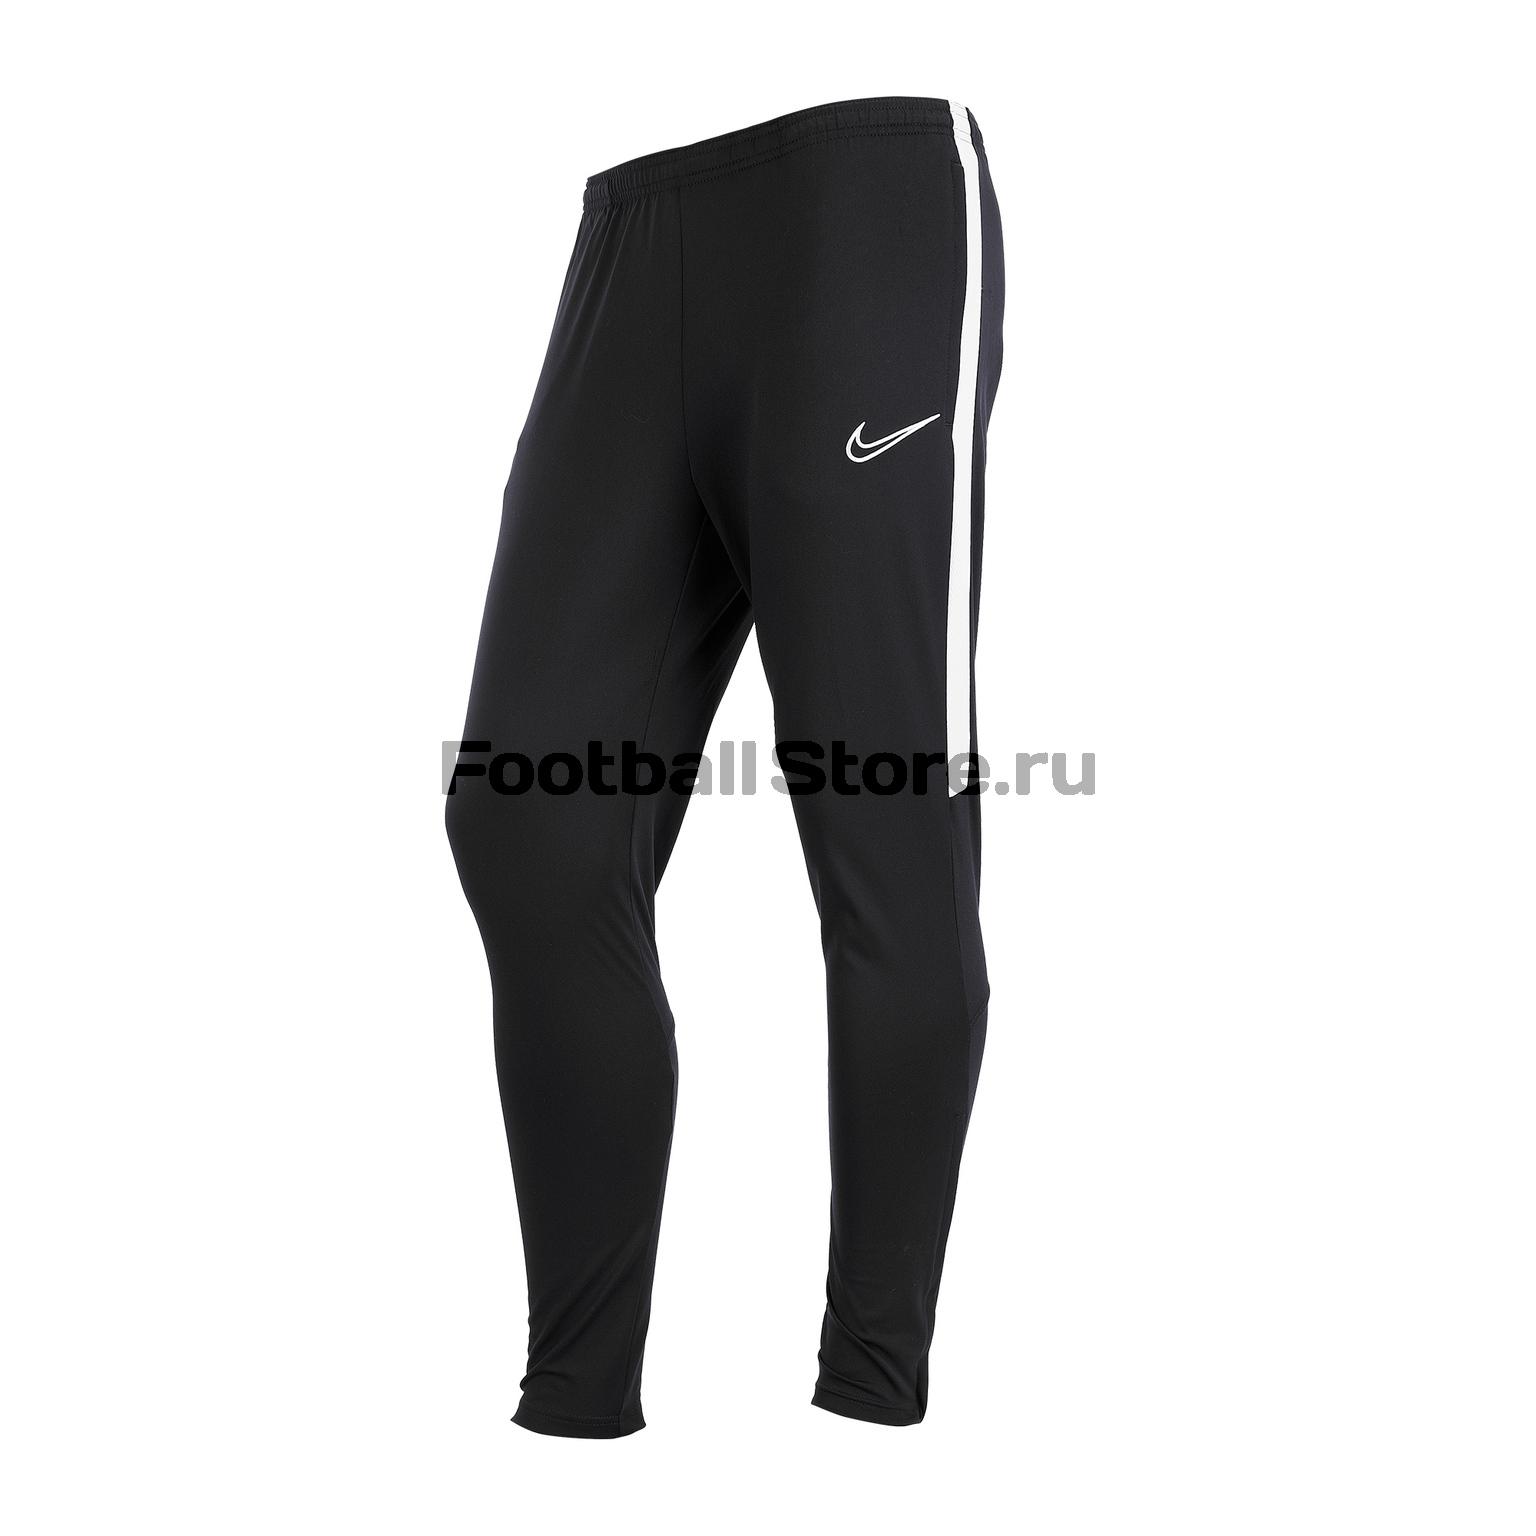 5d79b2de Брюки тренировочные Nike Dry Academy19 Pant AJ9181-010 – купить в ...